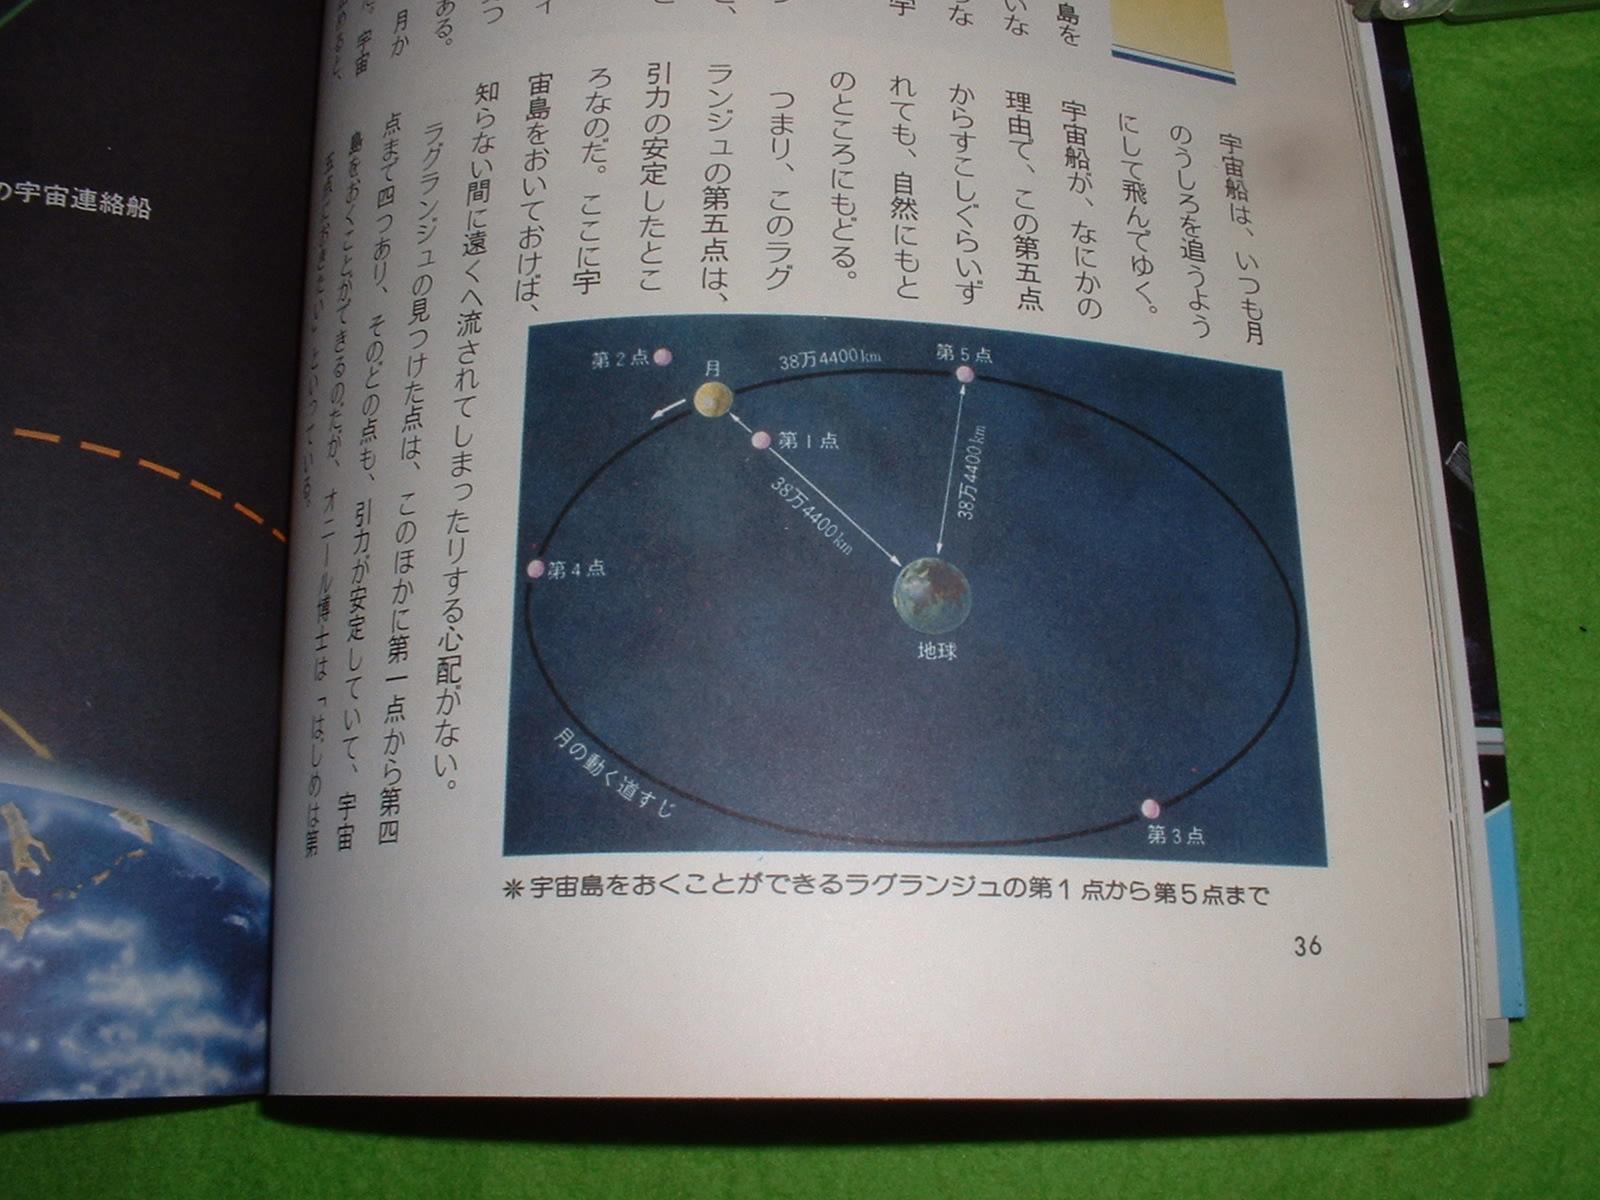 木村繁著 「宇宙島への旅」 より2 Doburoku-TAO.JPG